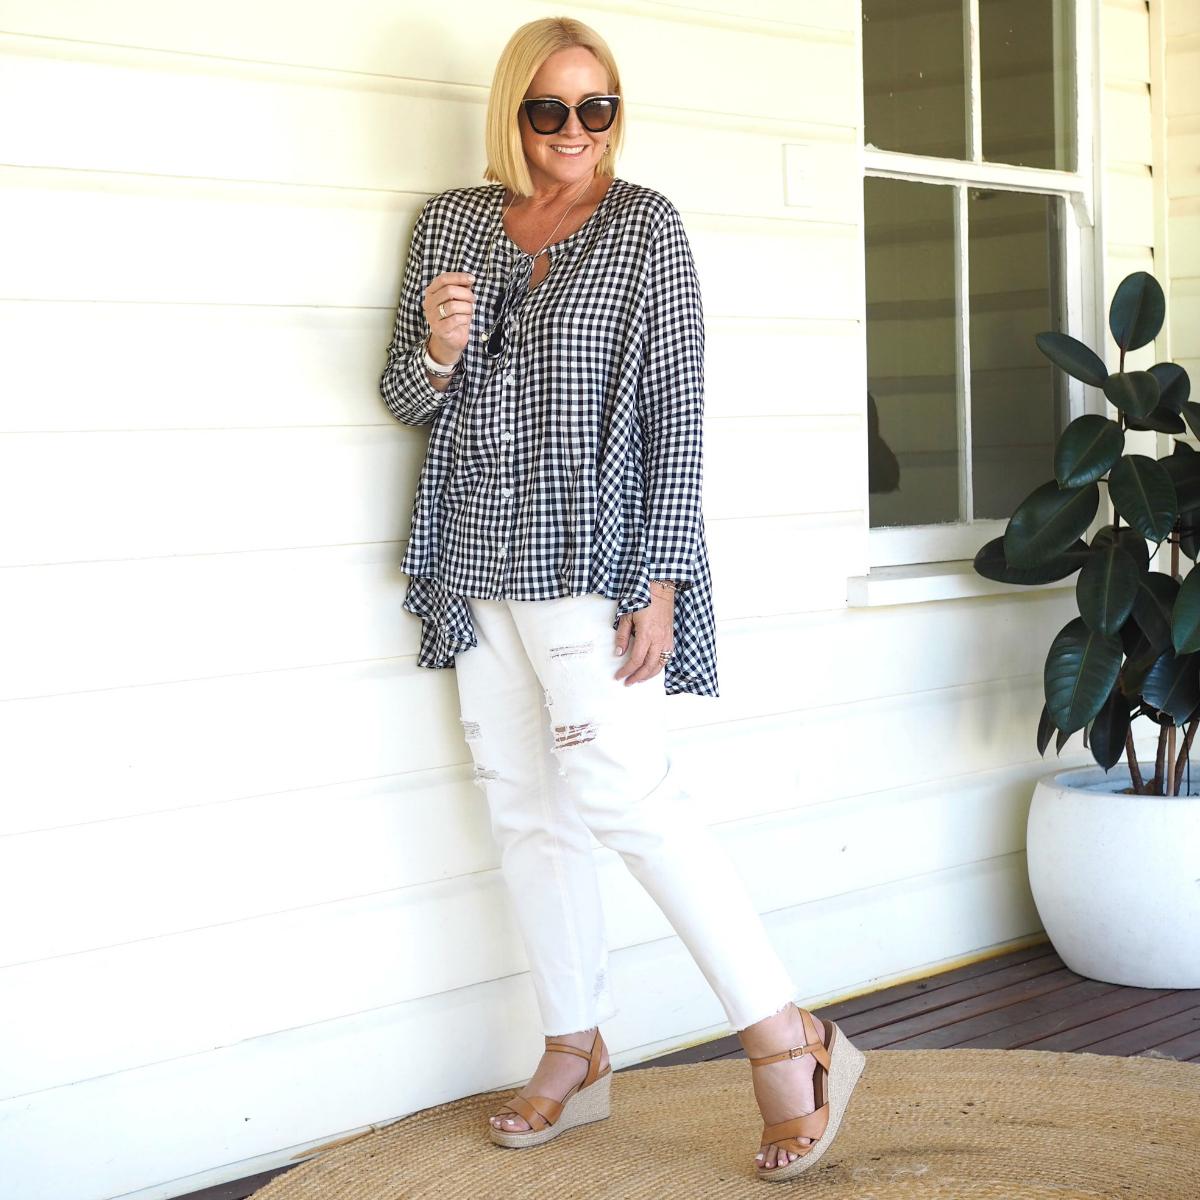 Bohemian Traders gingham shirt | Bohemian Traders jeans | FRANKiE4 Footwear ALYCE wedges